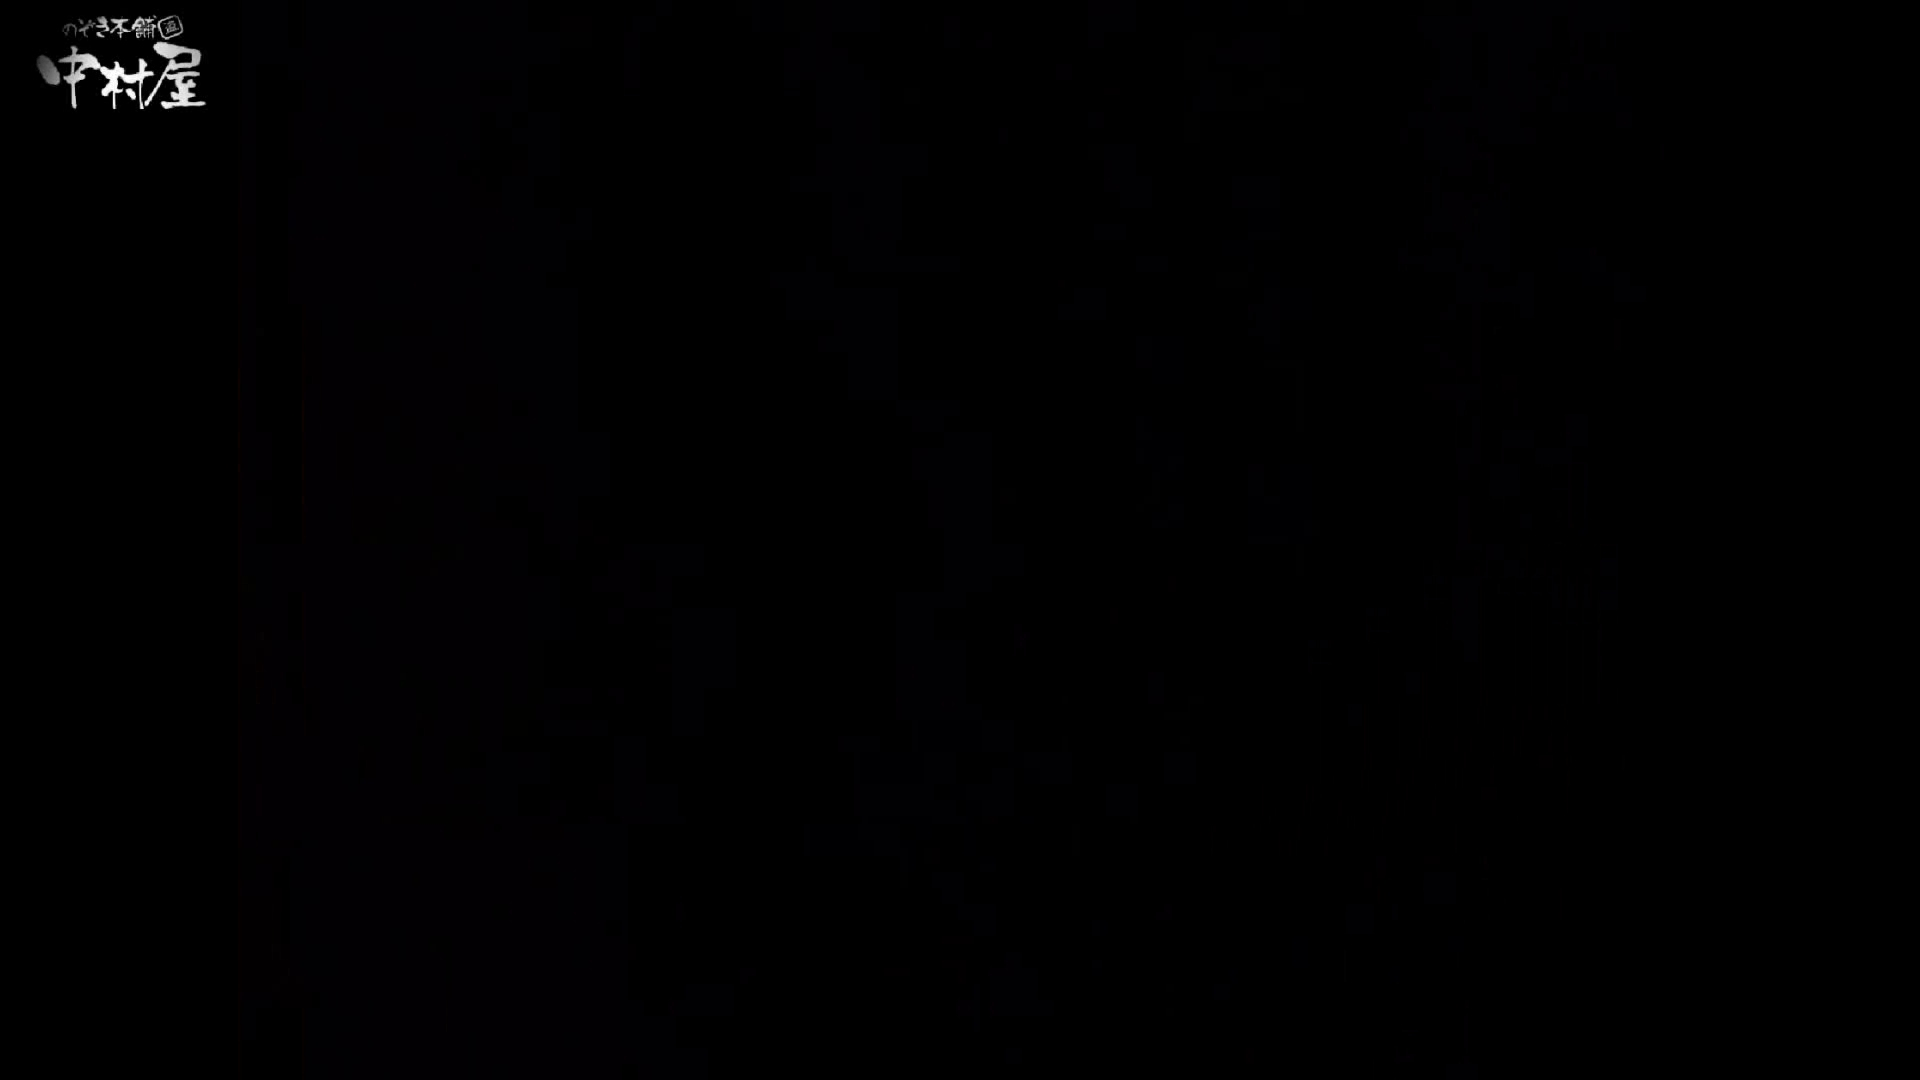 民家風呂専門盗撮師の超危険映像 vol.016 美女 エロ無料画像 69連発 25